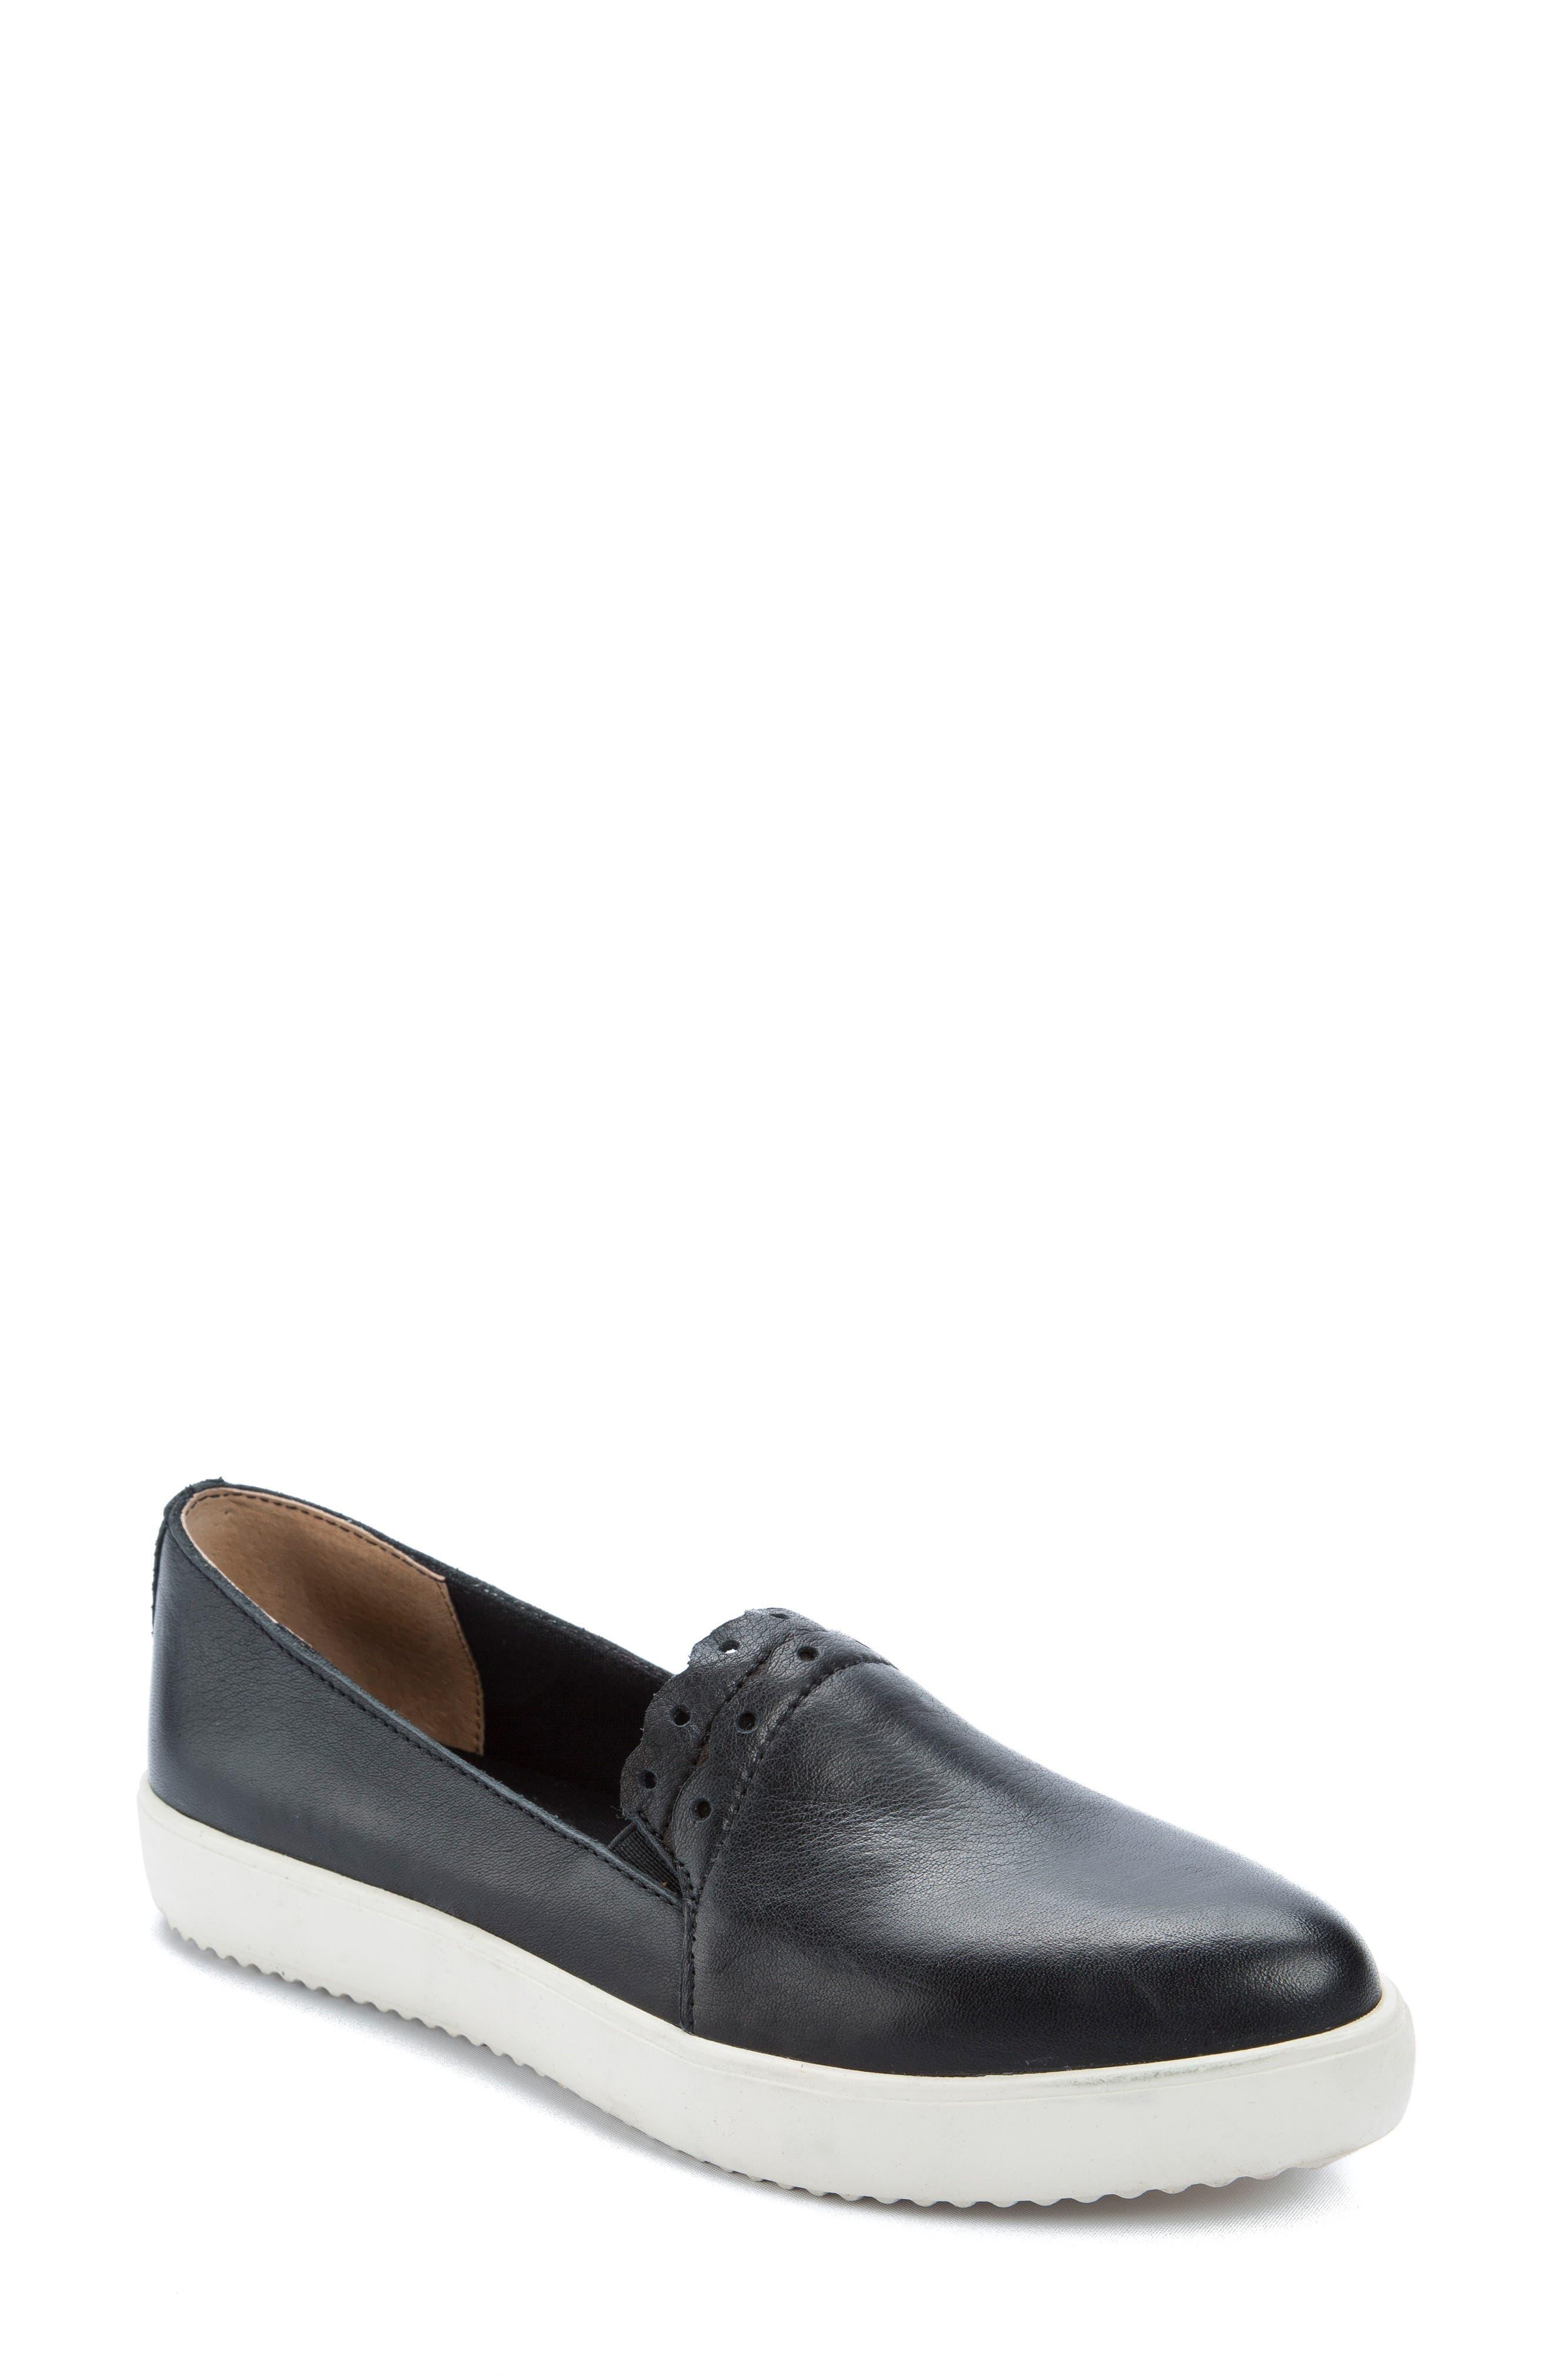 Roe Slip-On Sneaker,                         Main,                         color, 001